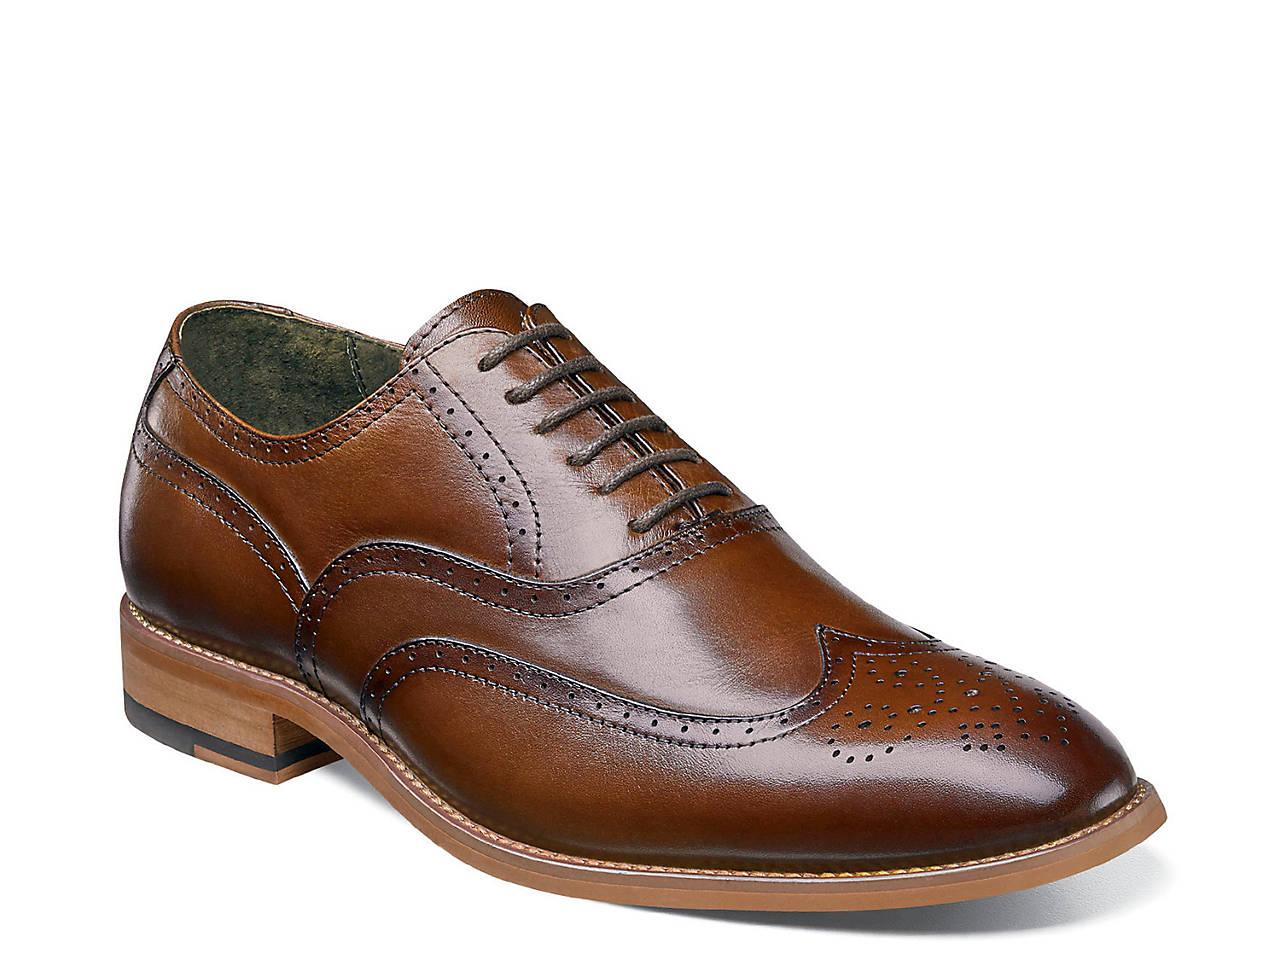 8c253f0bb Stacy Adams Men s Shoes